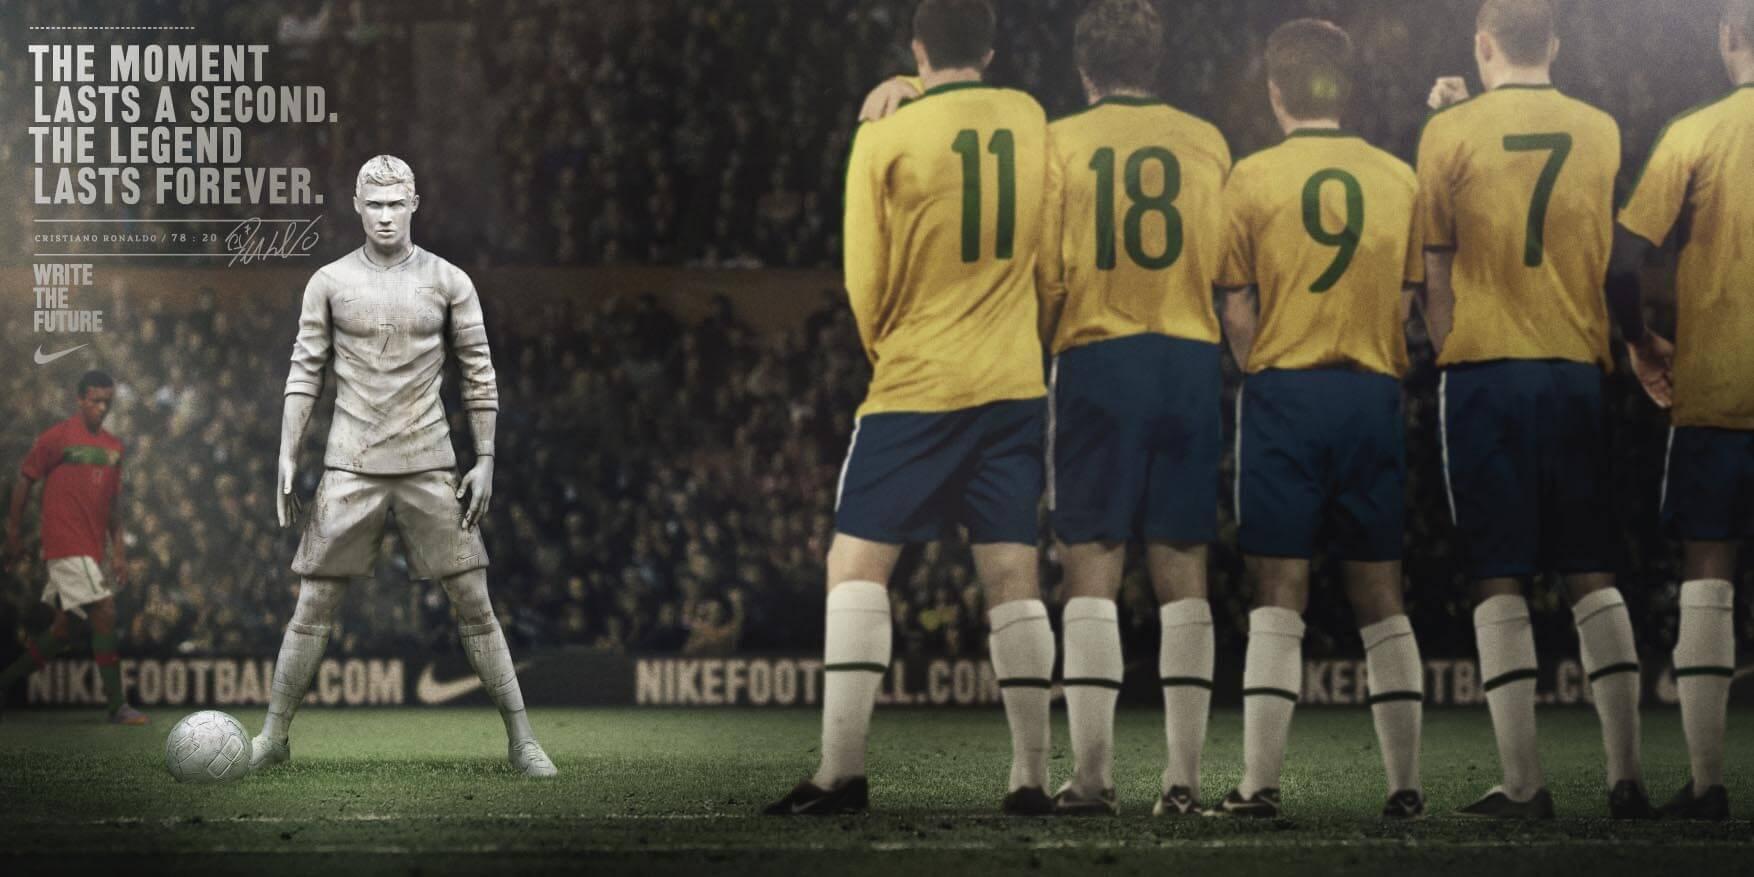 تبلیغات جام جهانی نایک